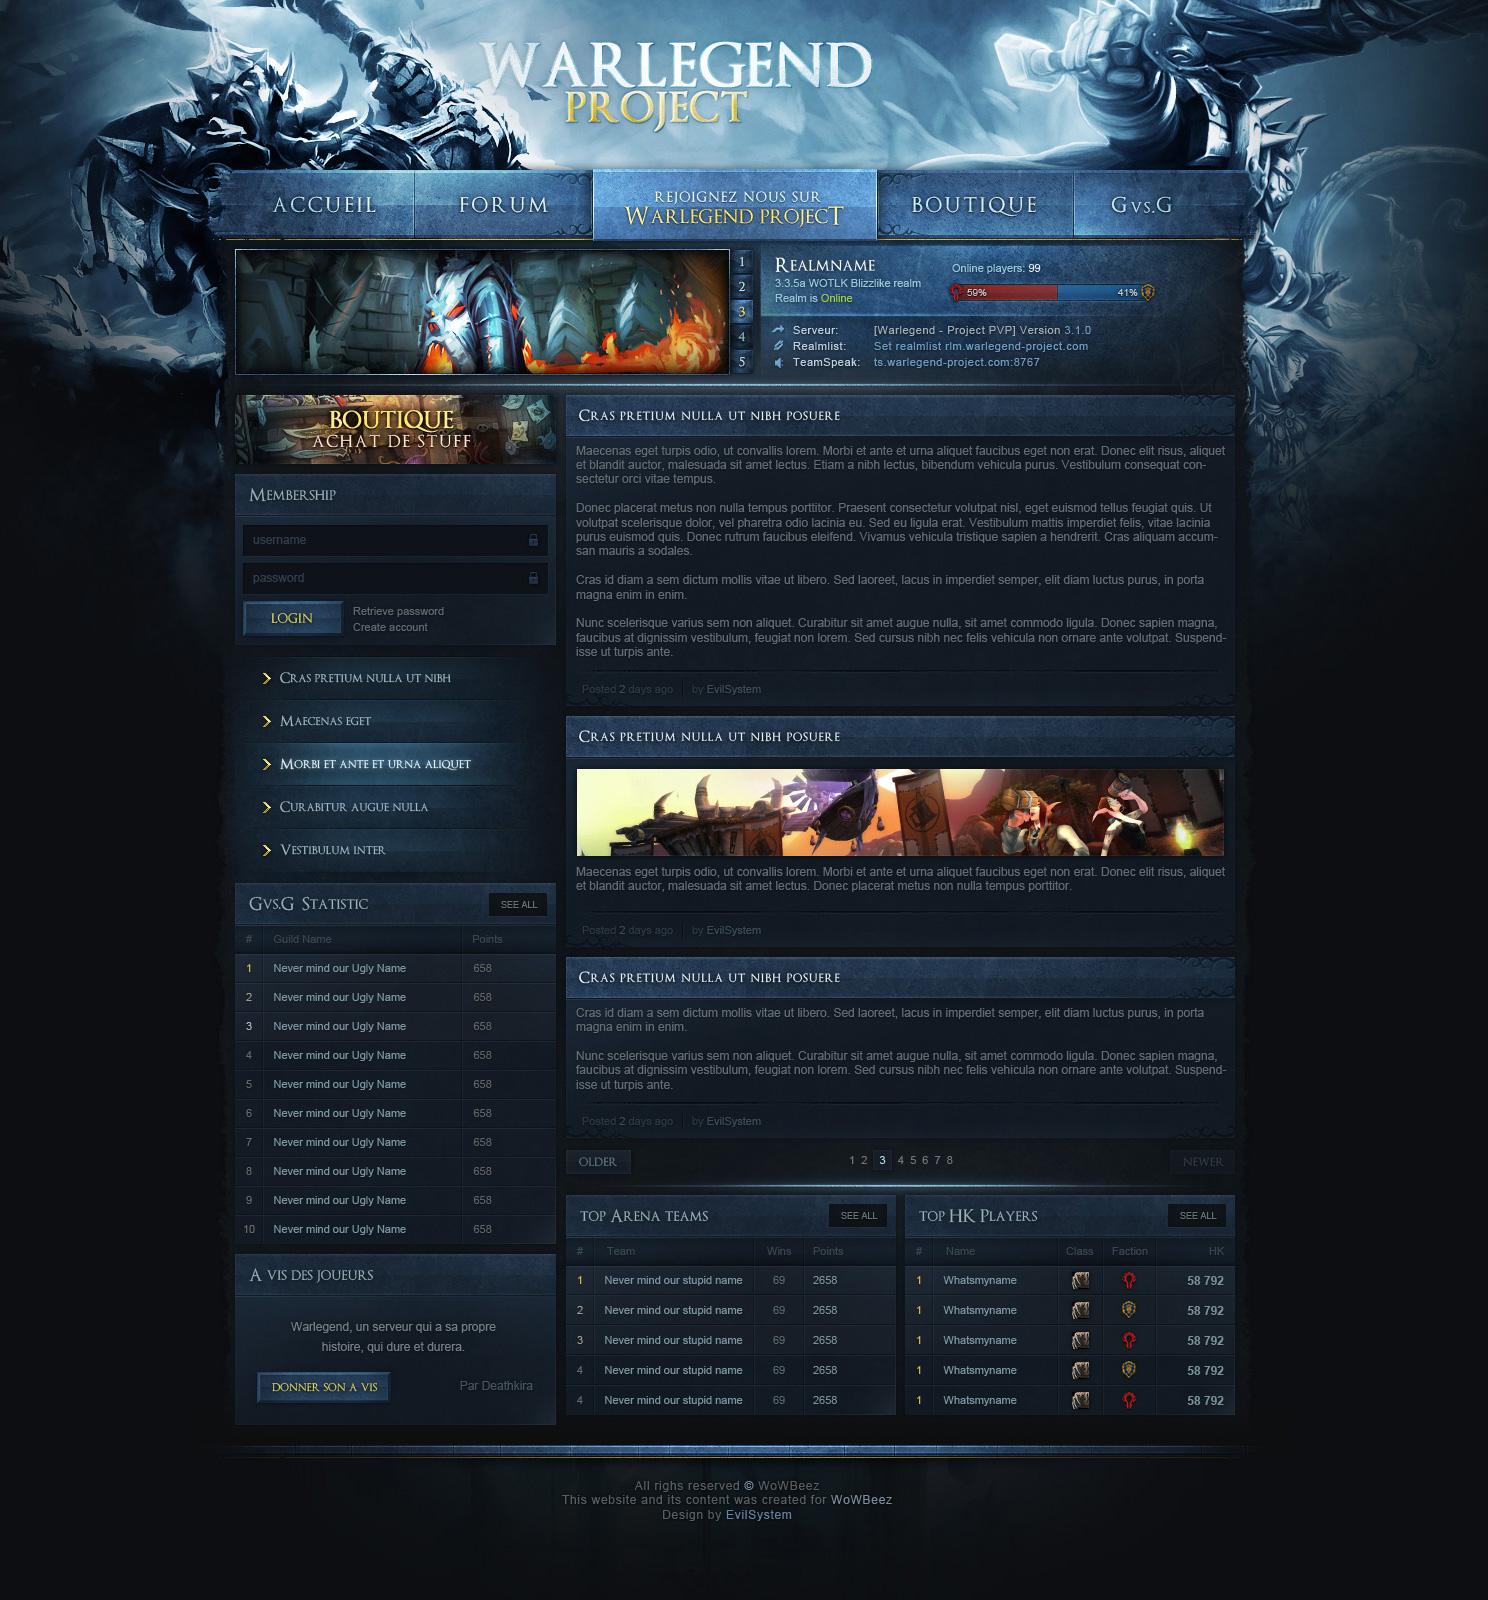 Warlegend Project - WOTLK Web Design by Evil-S